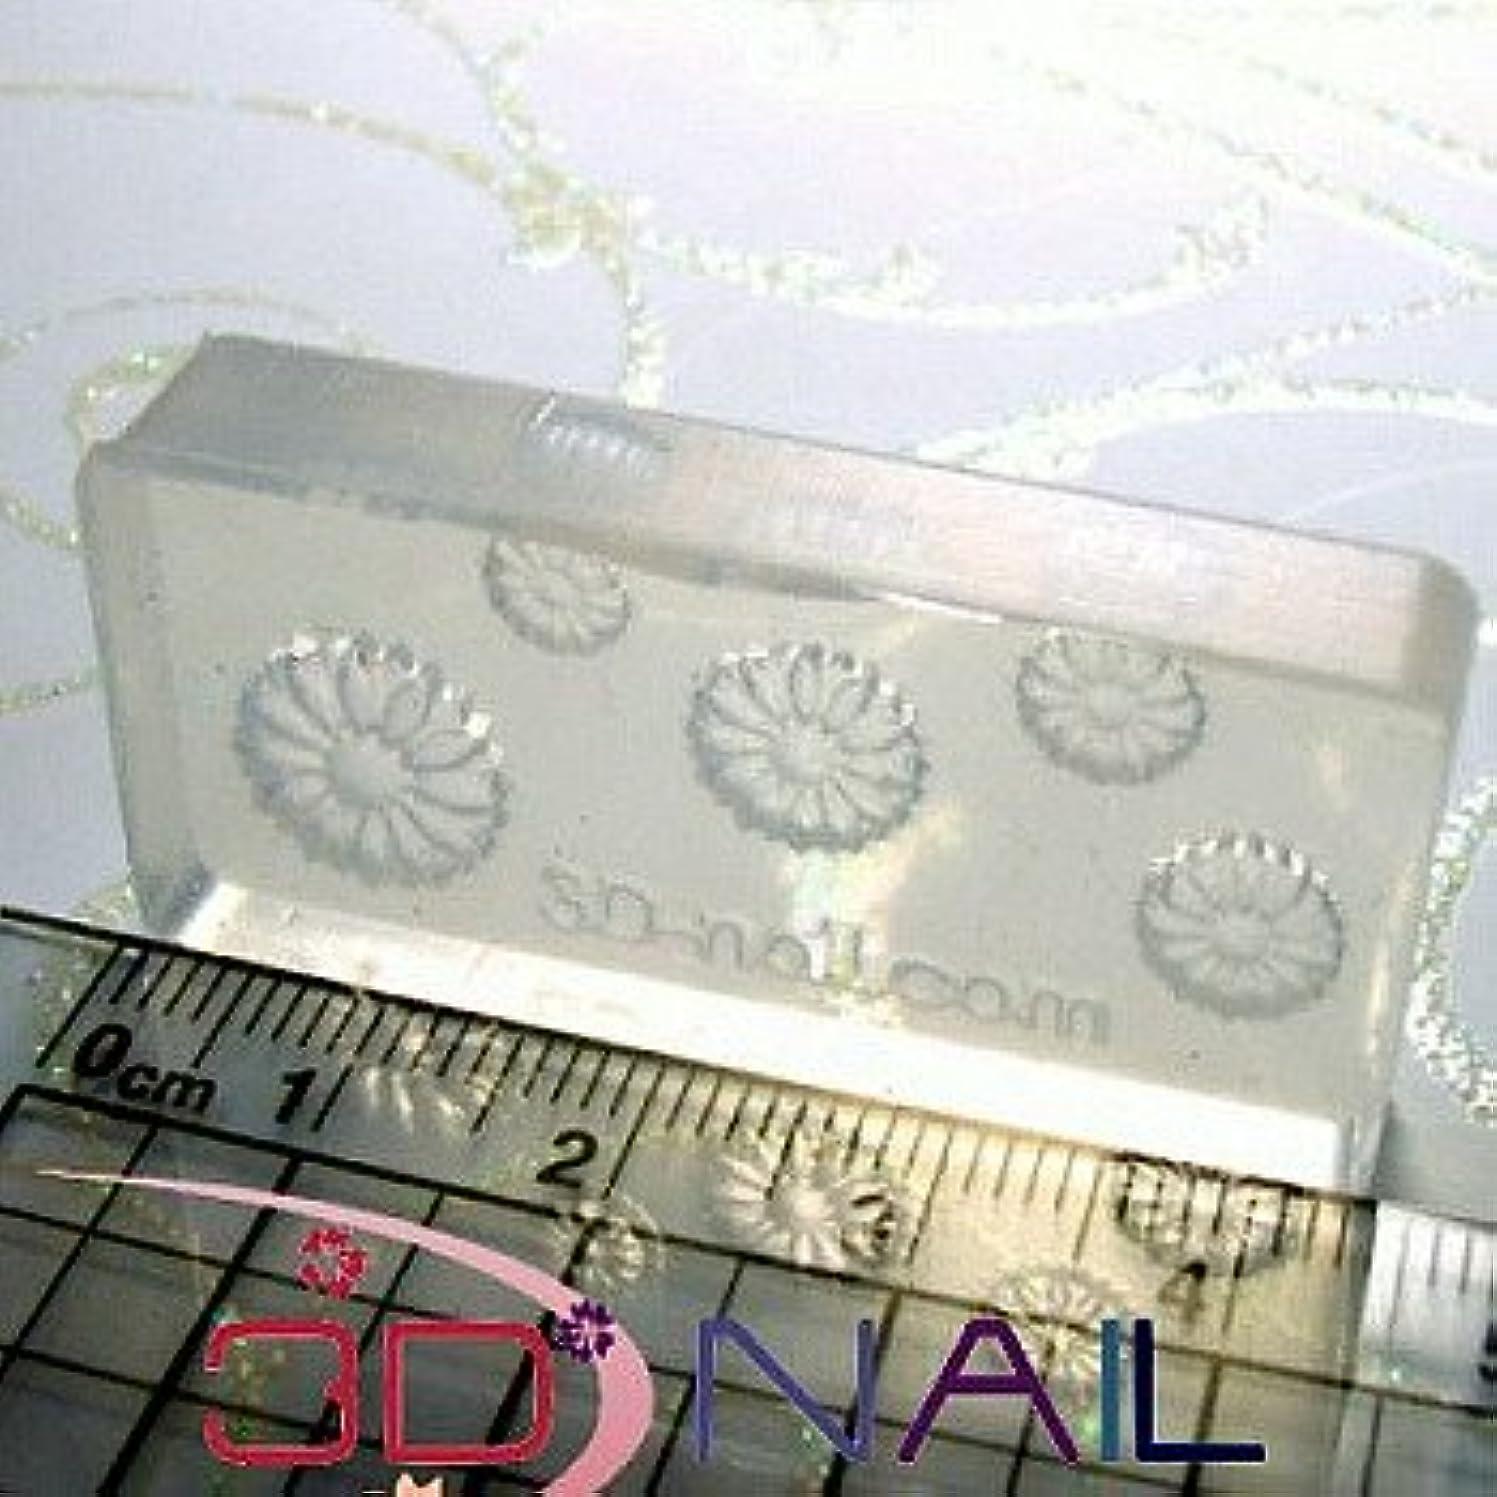 3Dシリコンモールド 自分でできる3Dネイル ネイルアート3D シリコン型 アクリルパウダーやジェルで簡単に!